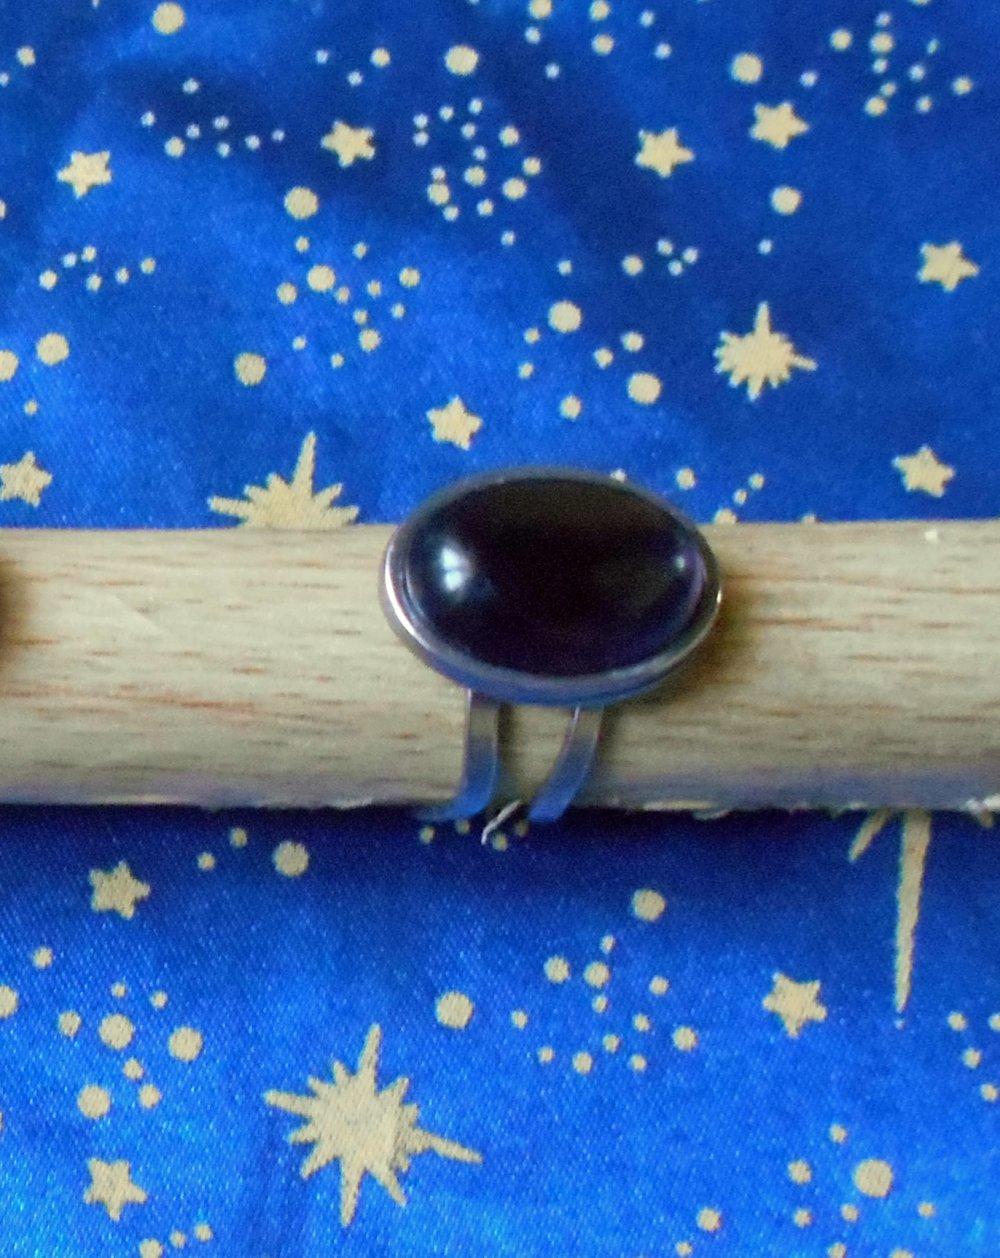 Bague ajustable en alliage argent/étain avec une améthyste violette de 13x18mm en provenance de Russie.